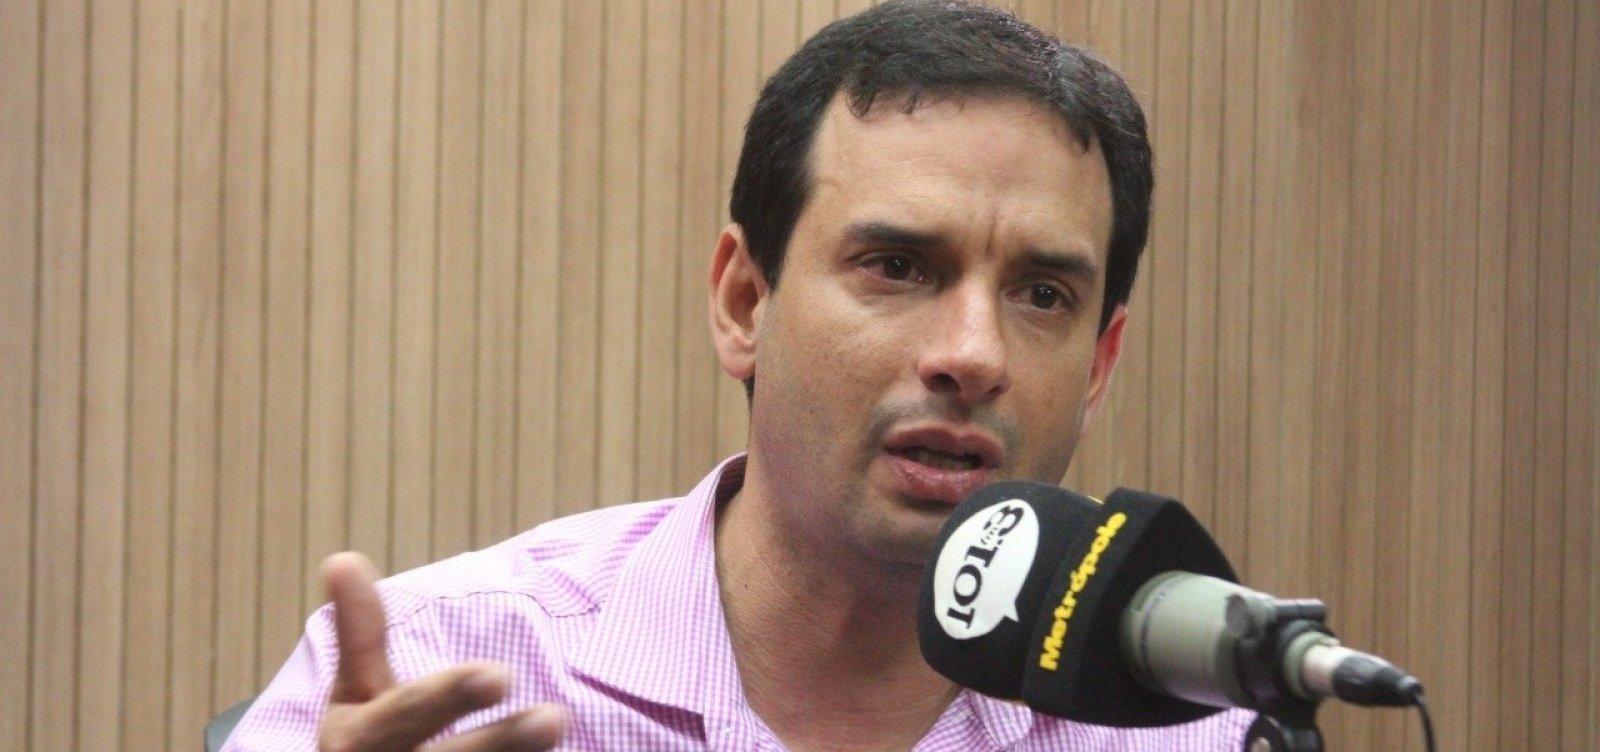 ['Caminhamos em direção a isso', diz Leo Prates sobre colapso do sistema de saúde e lockdown em Salvador]